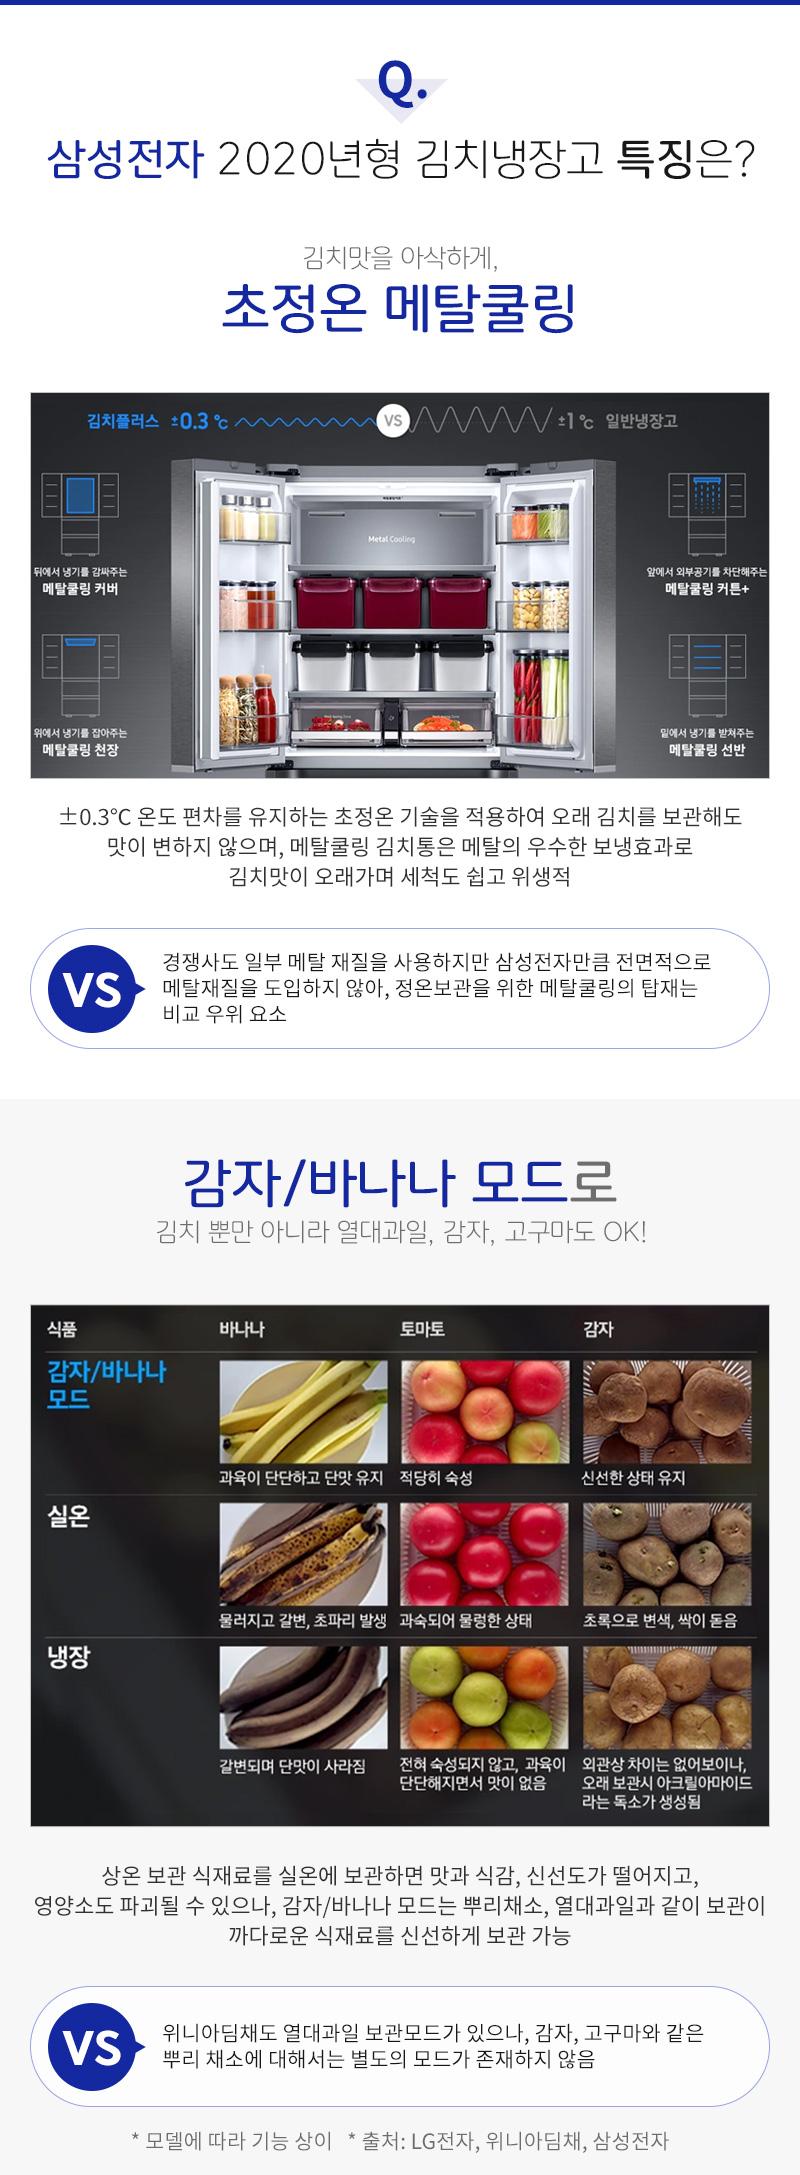 삼성전자 2020년형 김치냉장고 특징